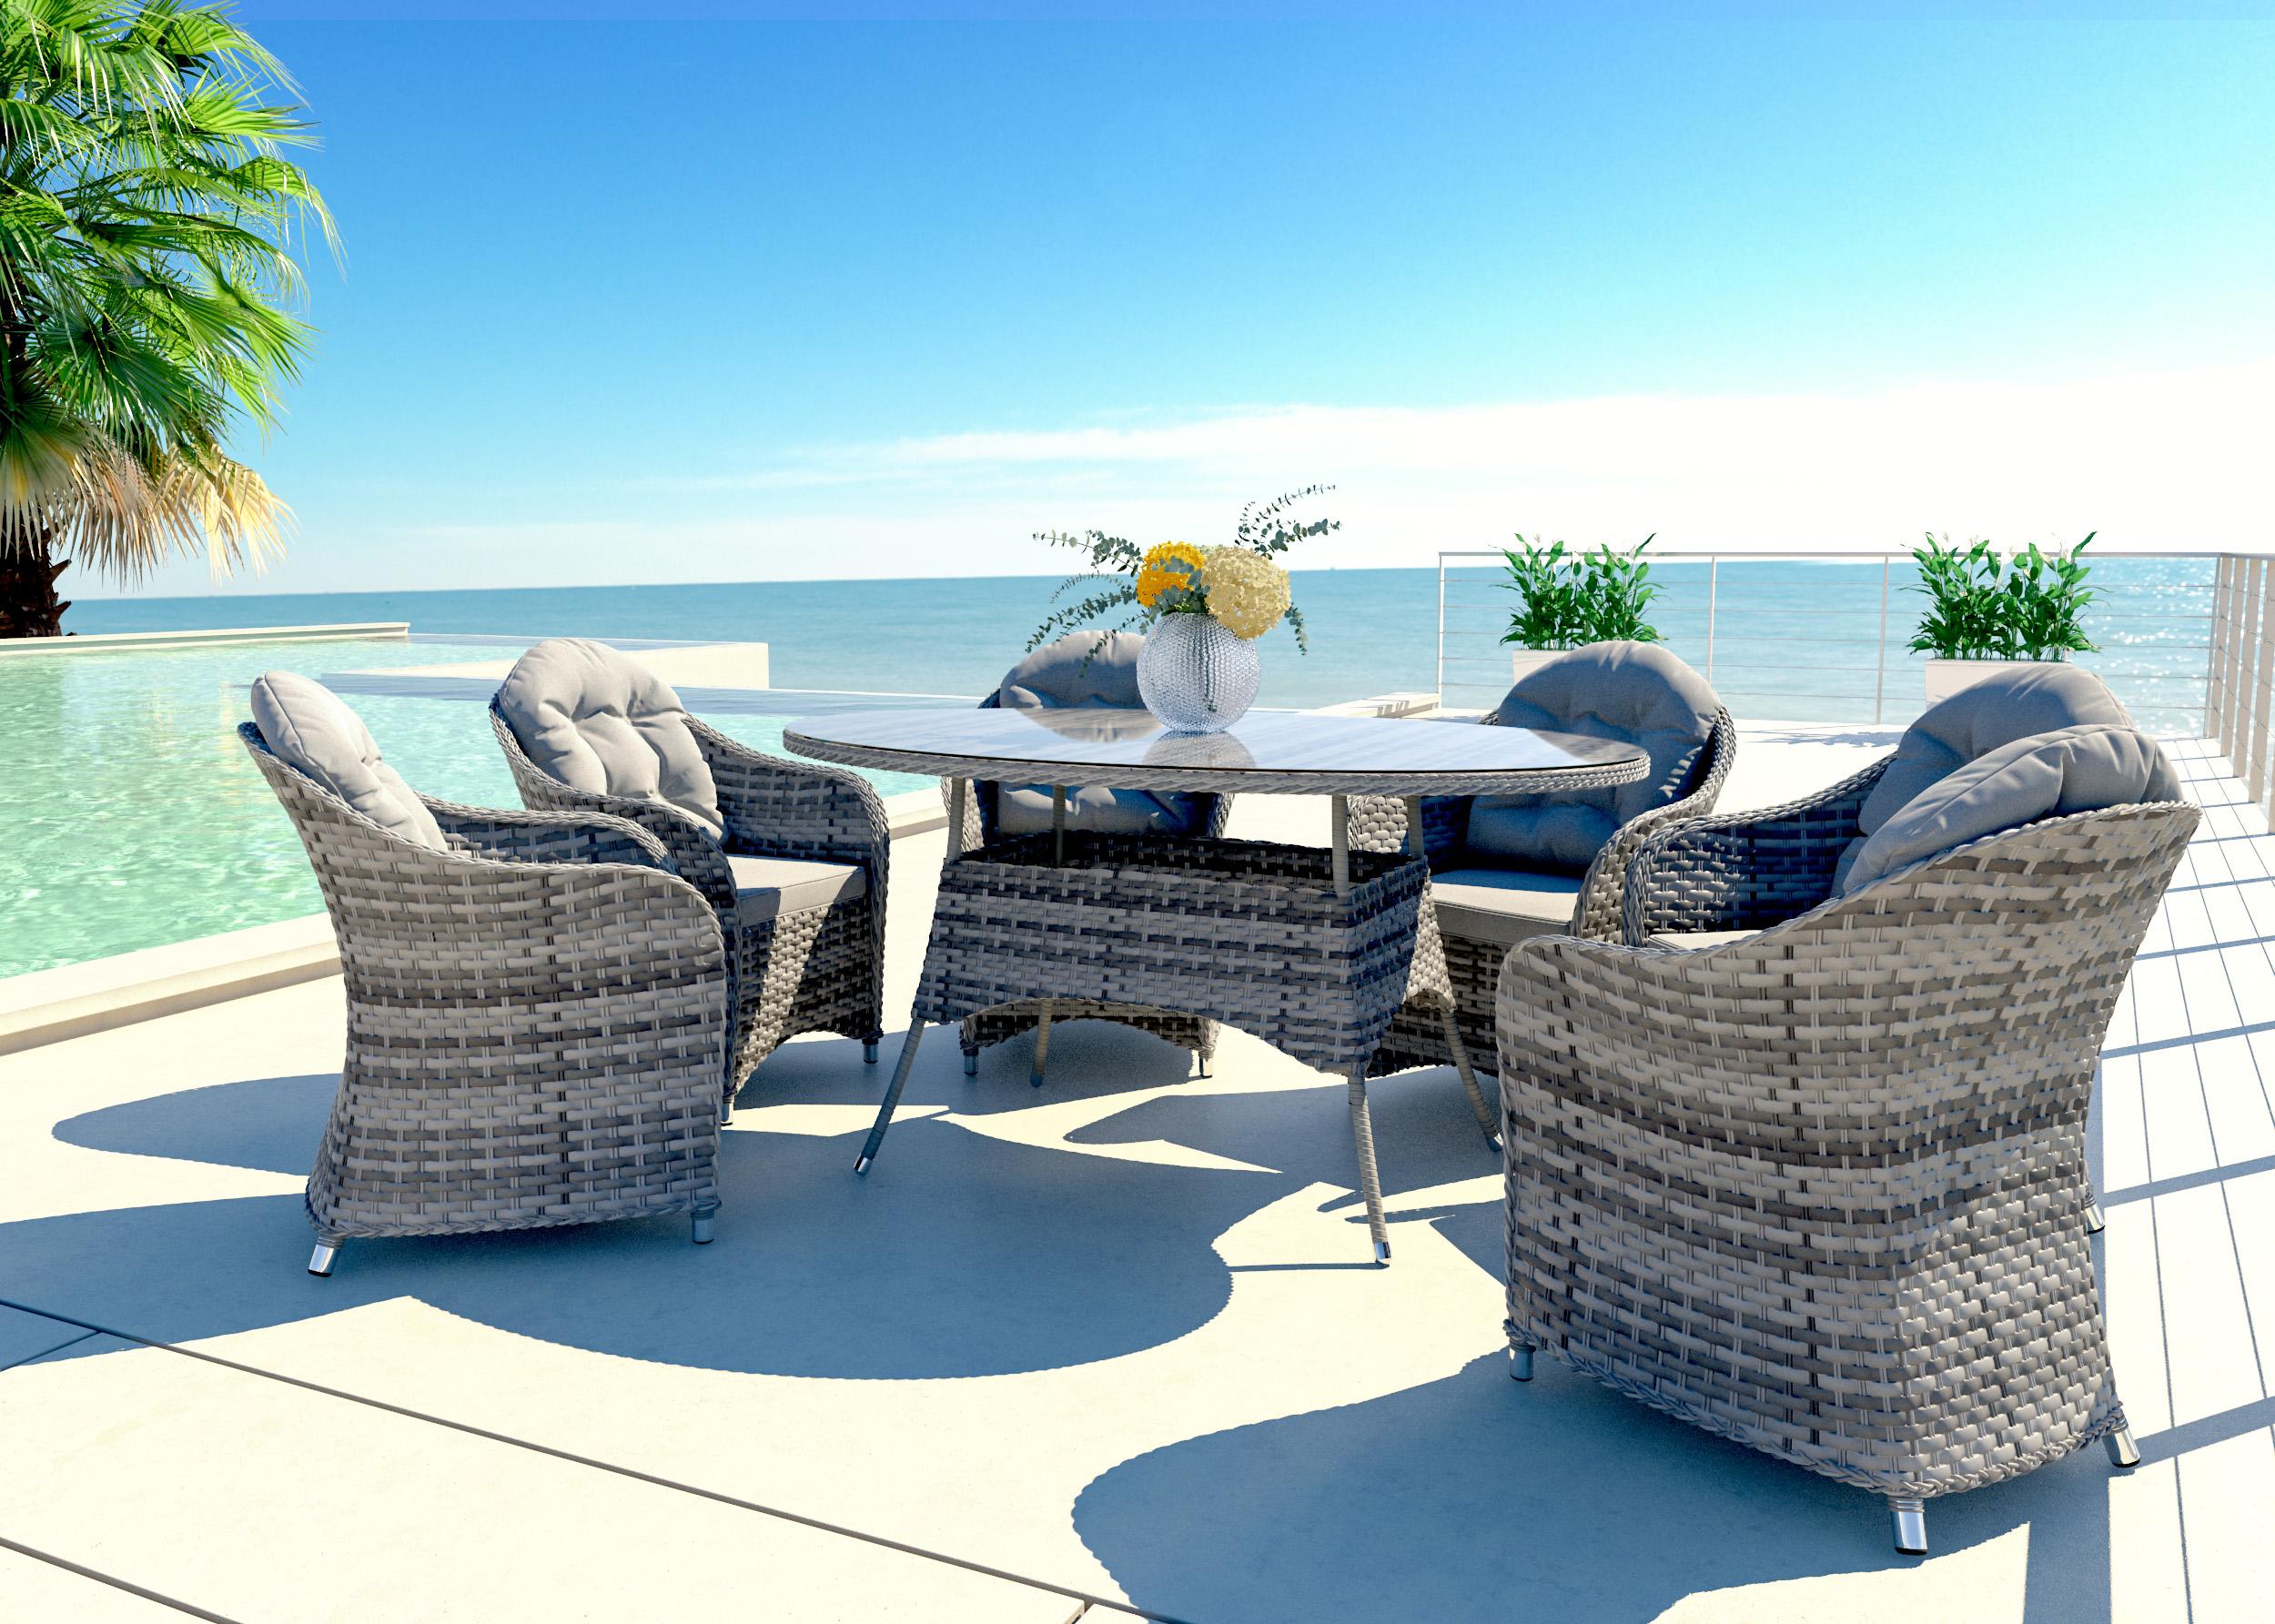 artelia rattan essgruppe ocean line livia l f r 6 personen mit tisch und st hlen aus polyrattan. Black Bedroom Furniture Sets. Home Design Ideas